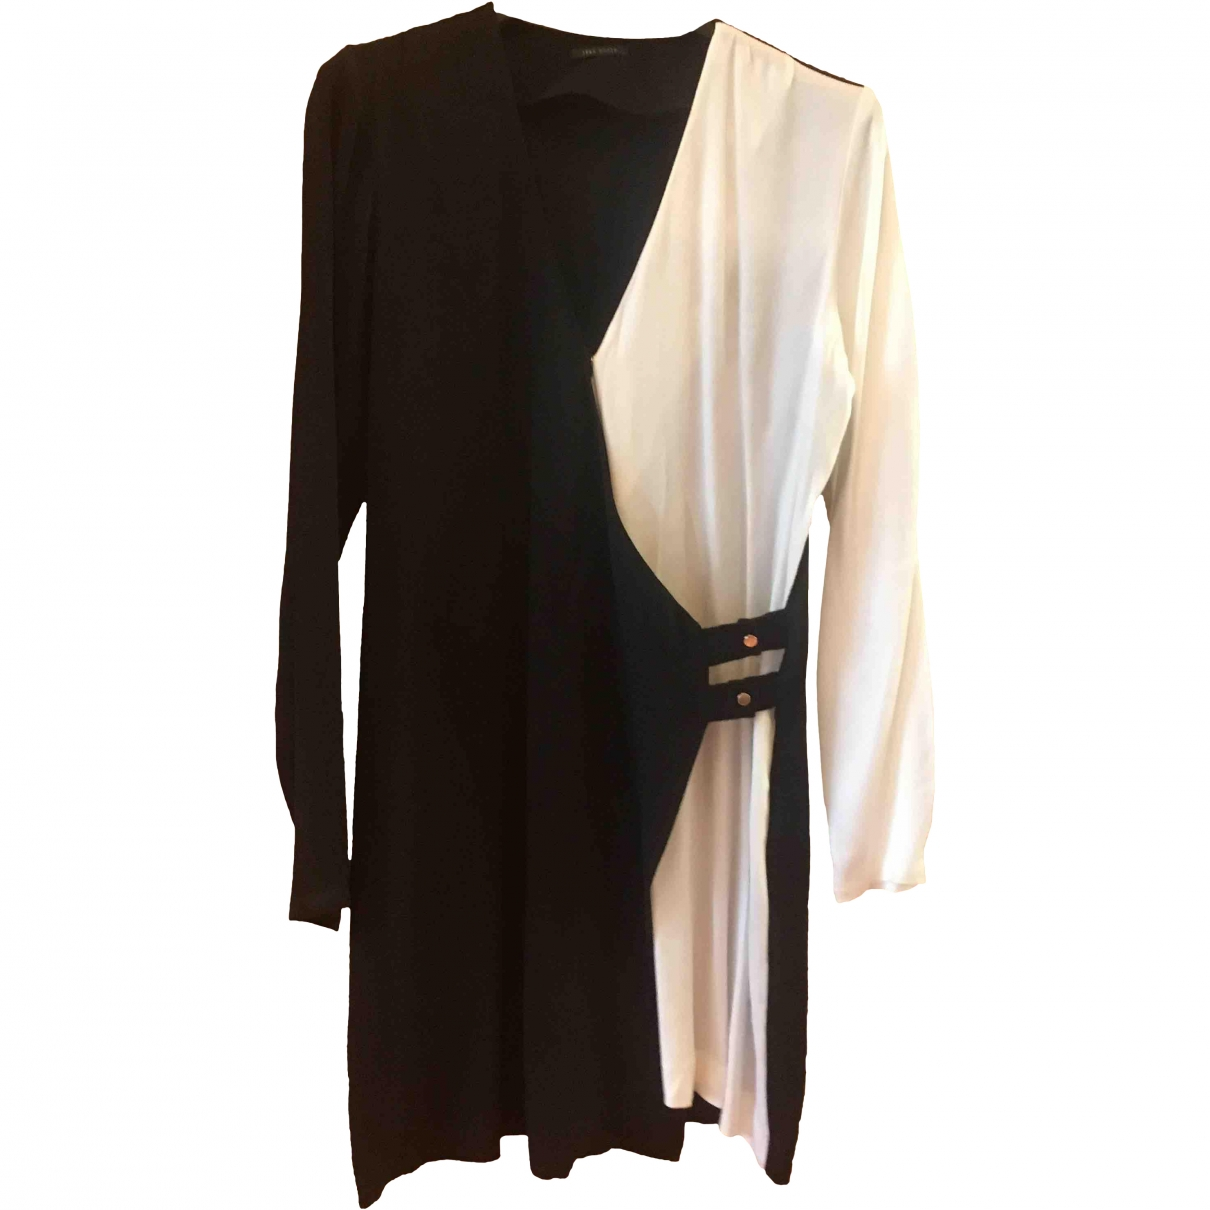 Ikks \N Black dress for Women 40 FR